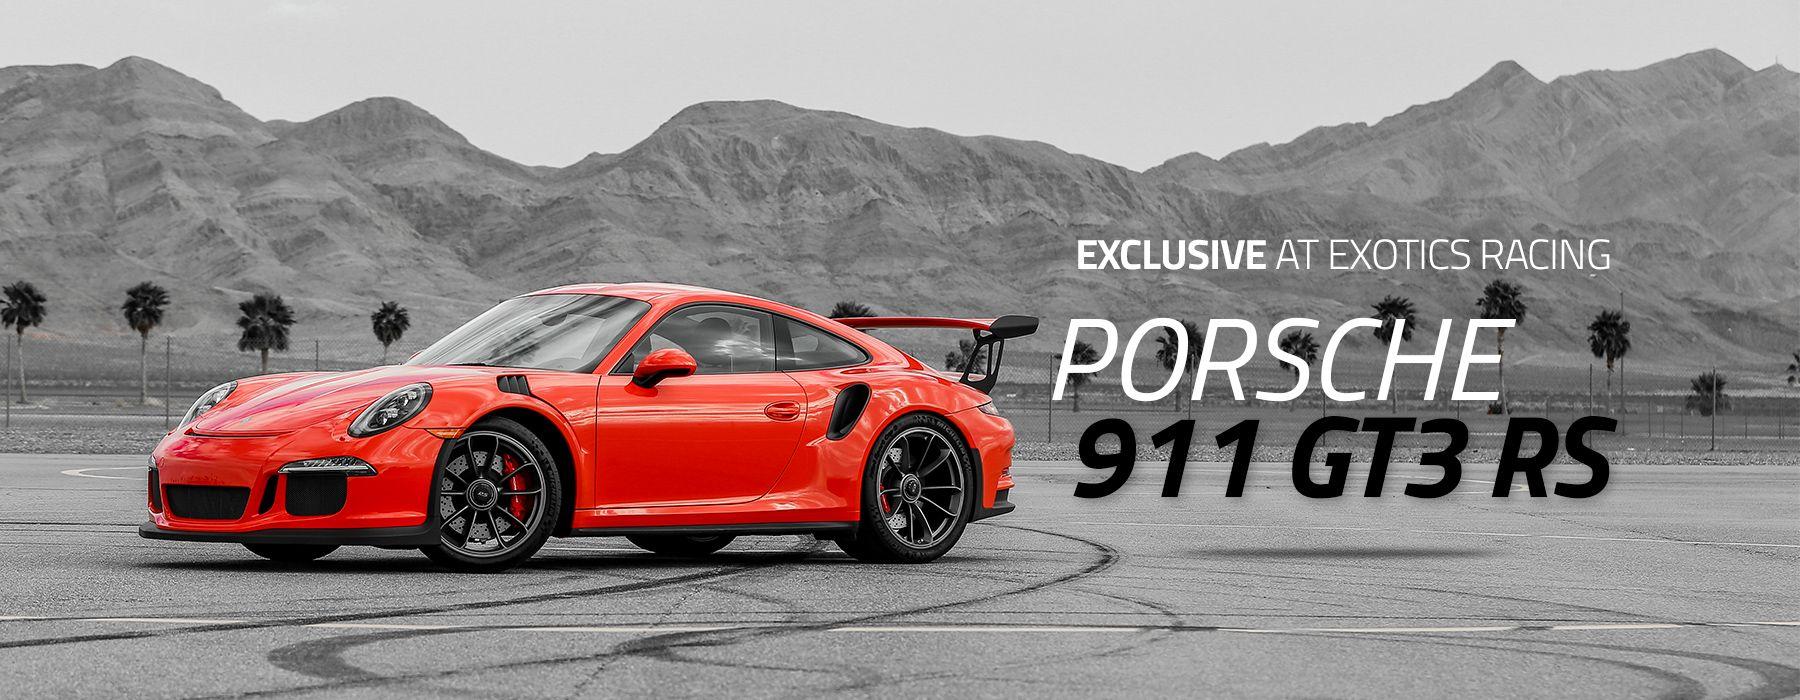 Drive a Porsche 911 GT3 RS